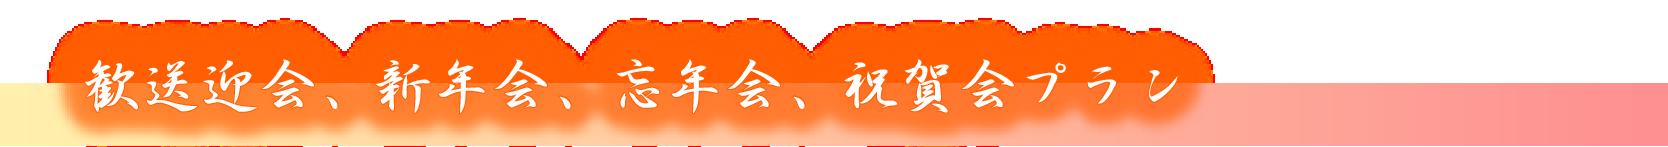 歓送迎会、新年会・忘年会・祝賀会プラン